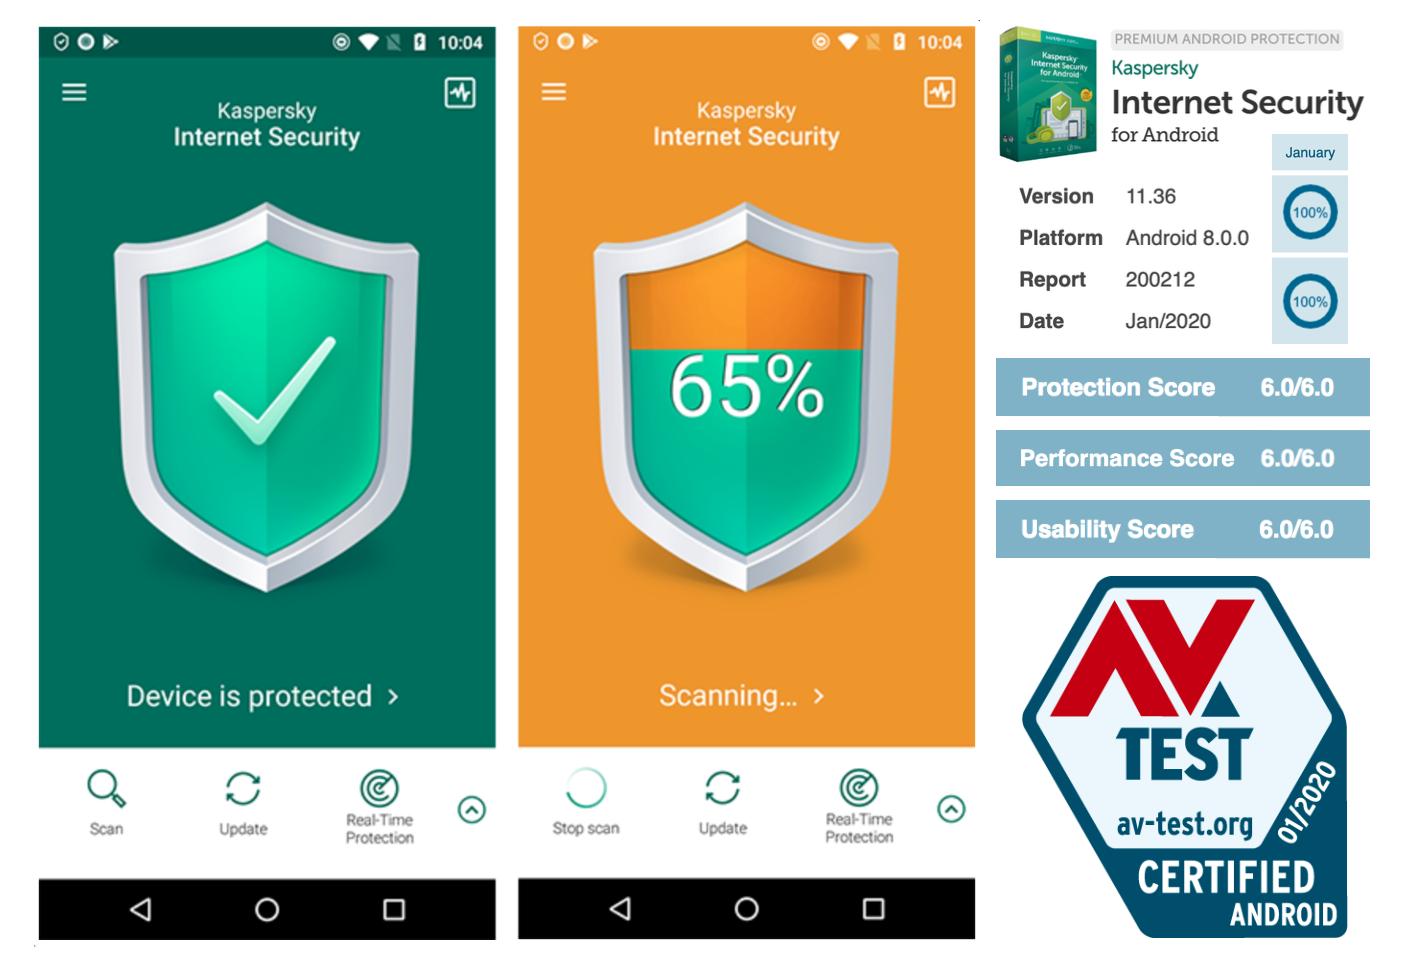 Kaspersky-Internet-Security-for-Android-AV-TEST-Jan-2020